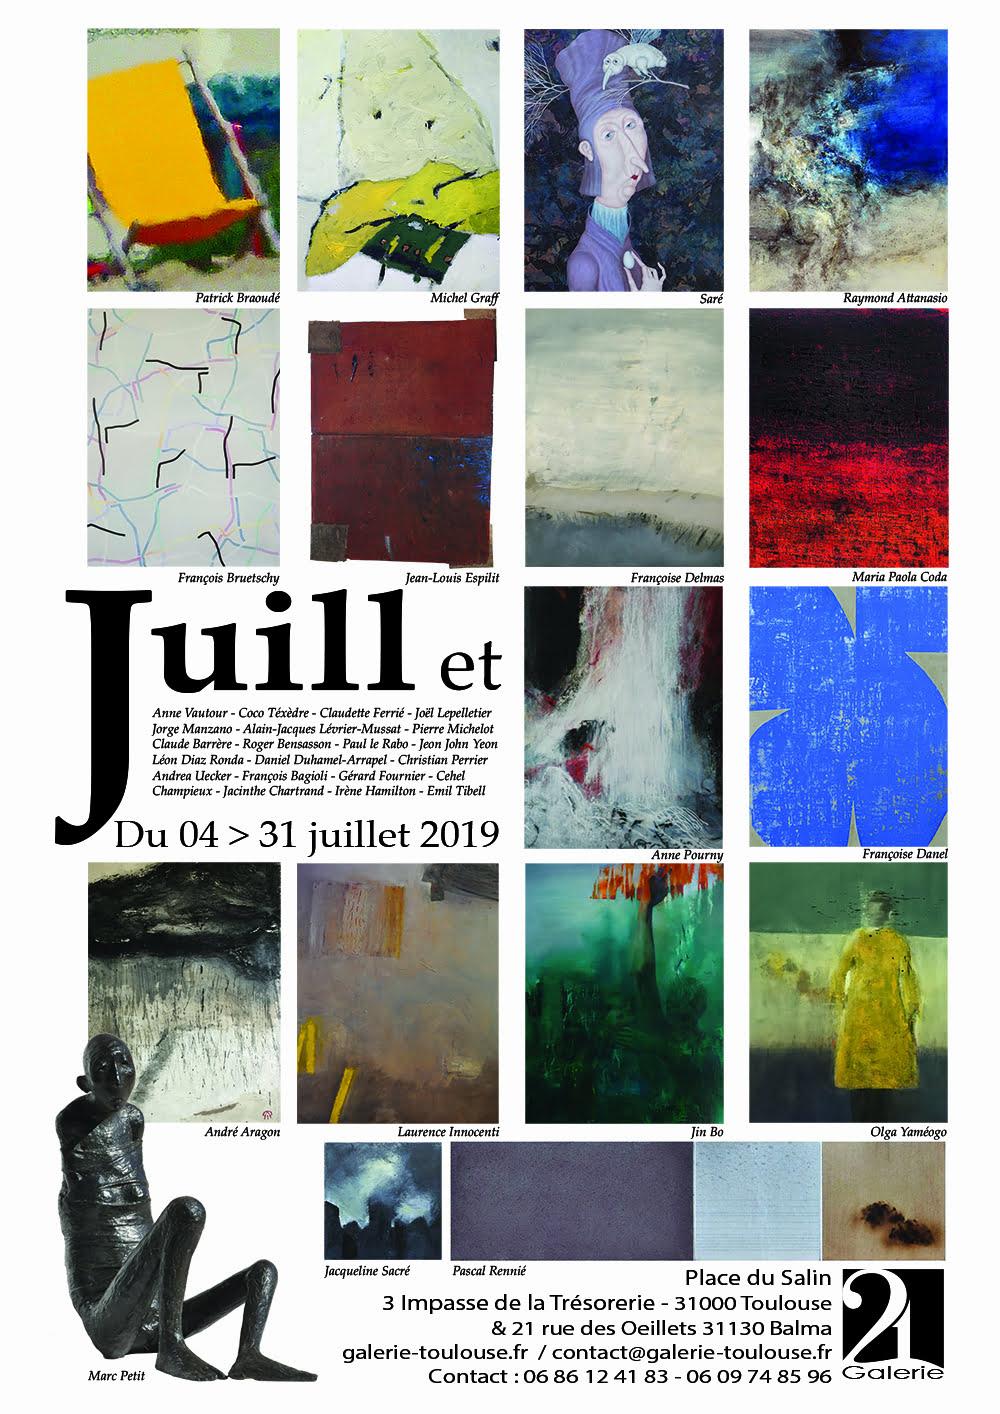 juillet presse Exposition Galerie 21 2019